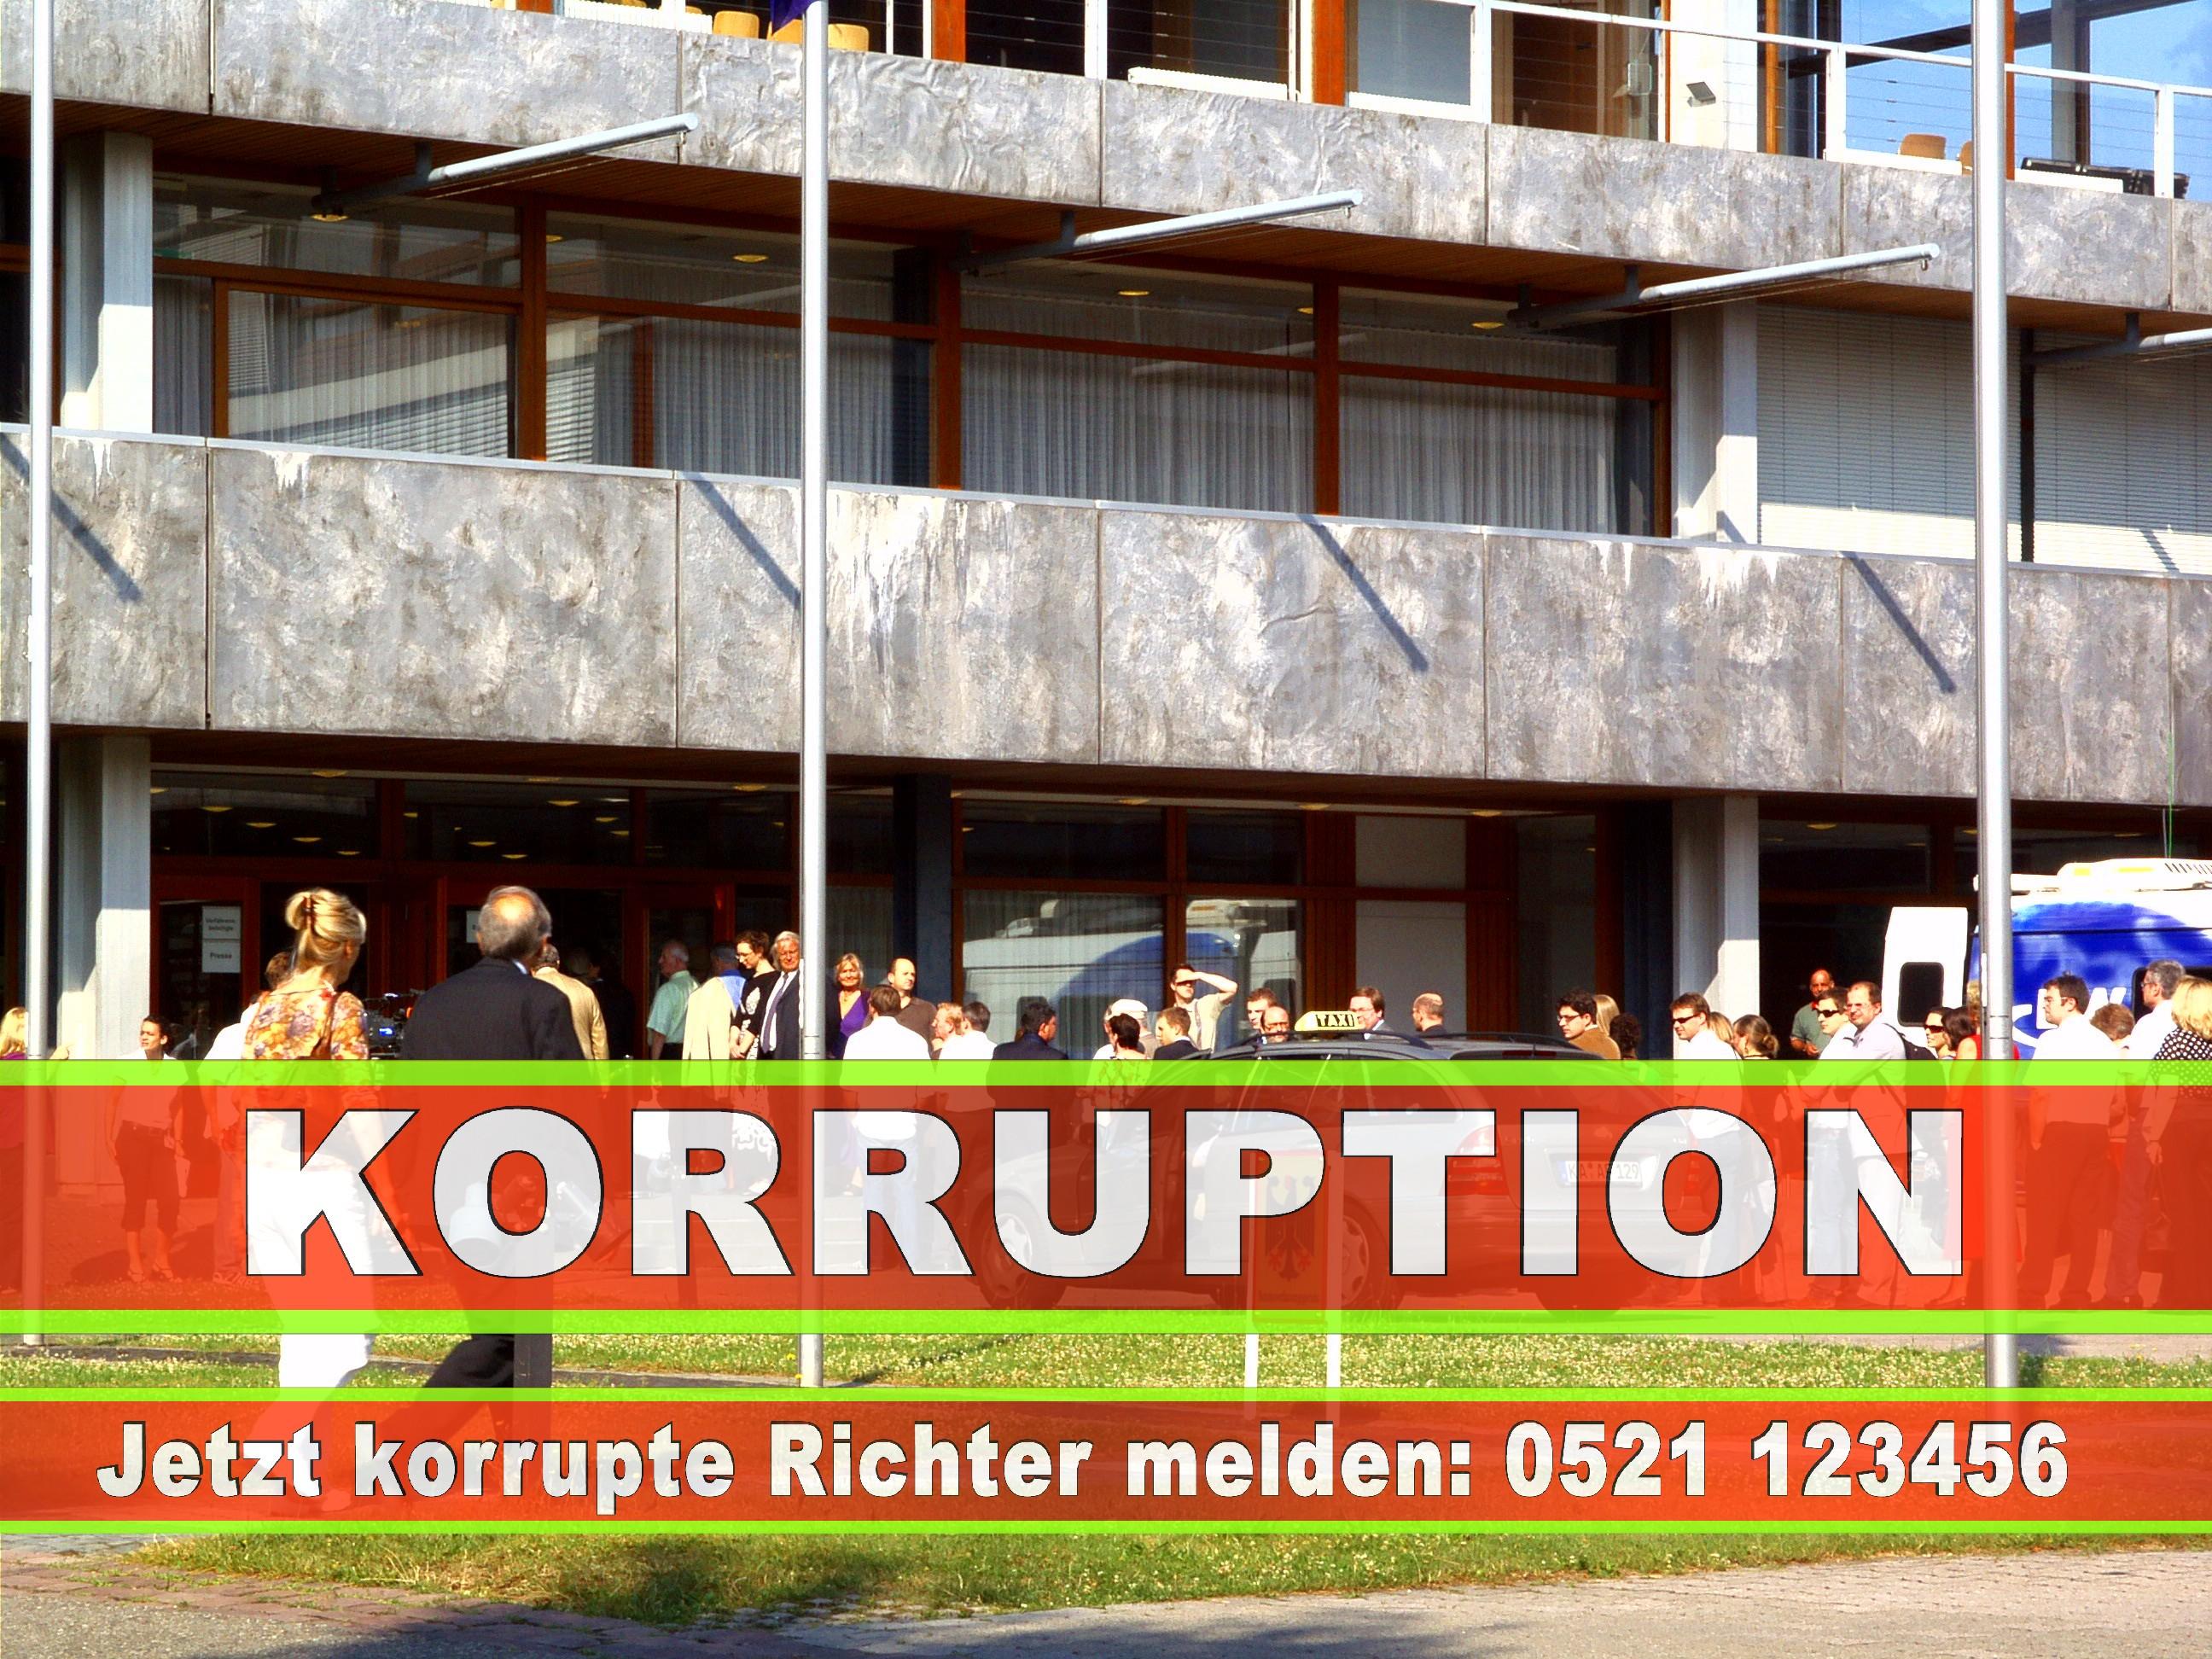 Bundesverfassungsgericht Karlsruhe Richter Korruption Aufgaben Urteile Termine Anfahrt Bilder Fotos Adresse Telefon (1)